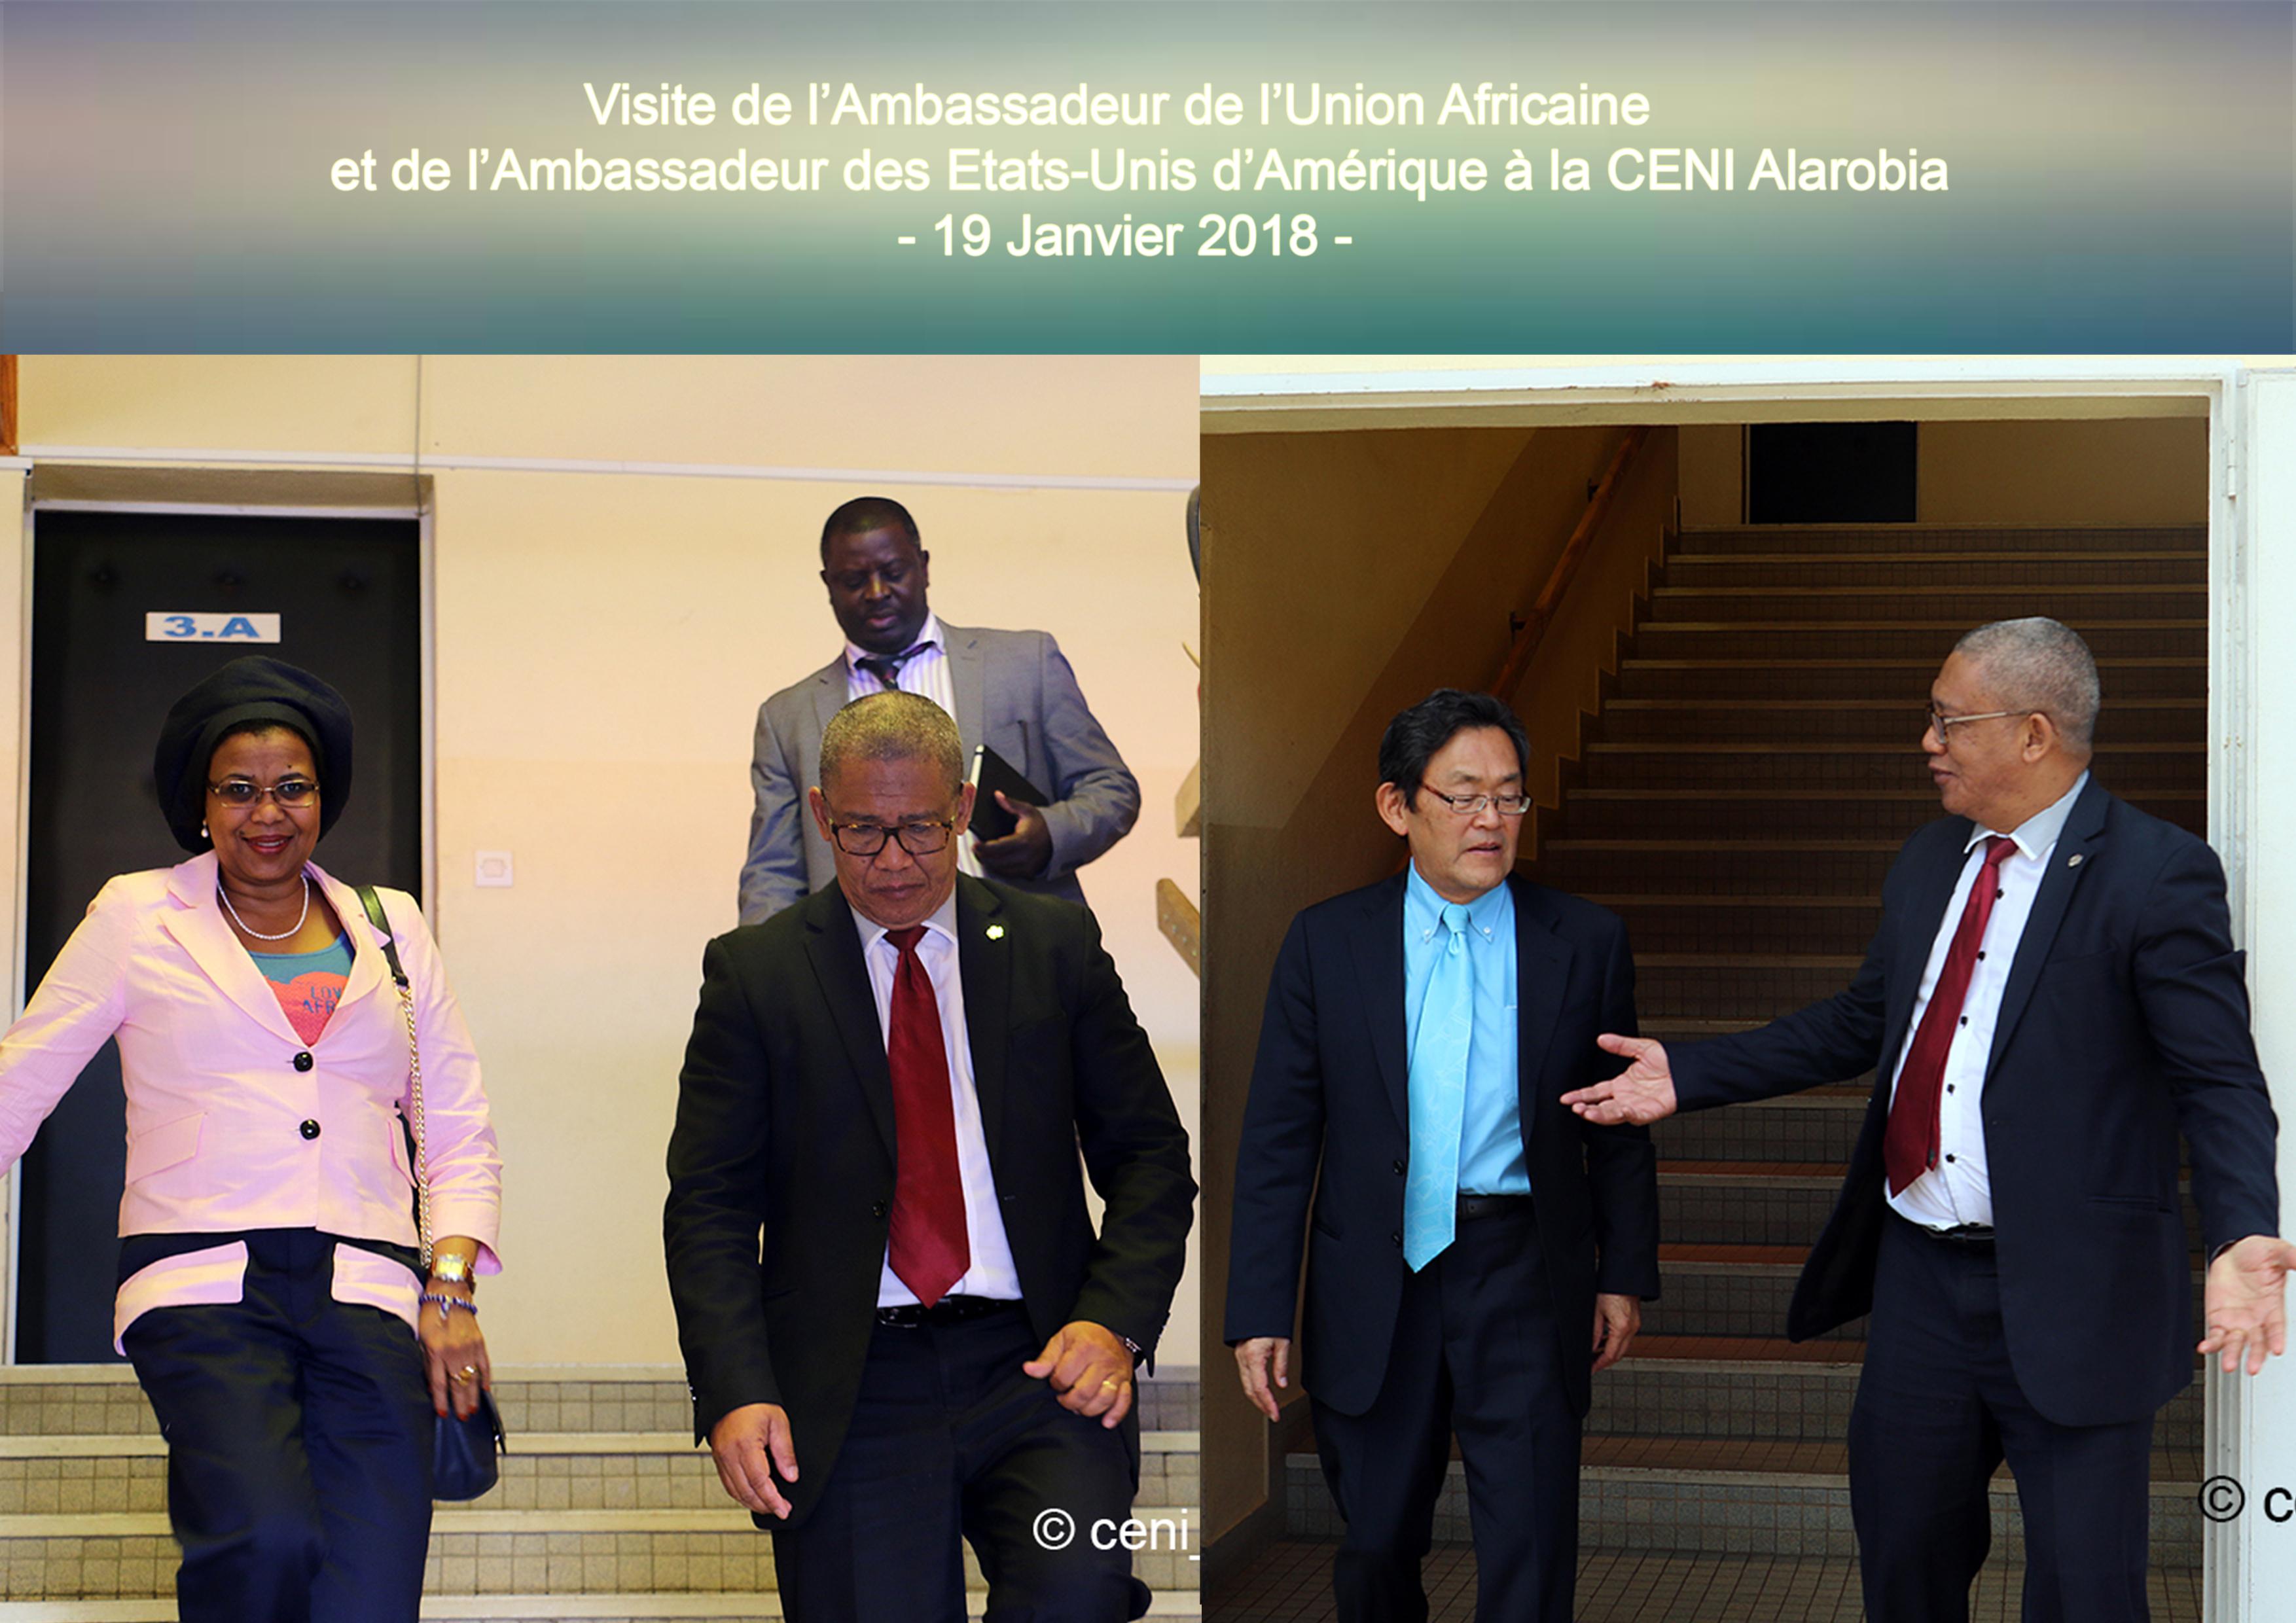 Visite des ambassadeurs au Président de la CENI